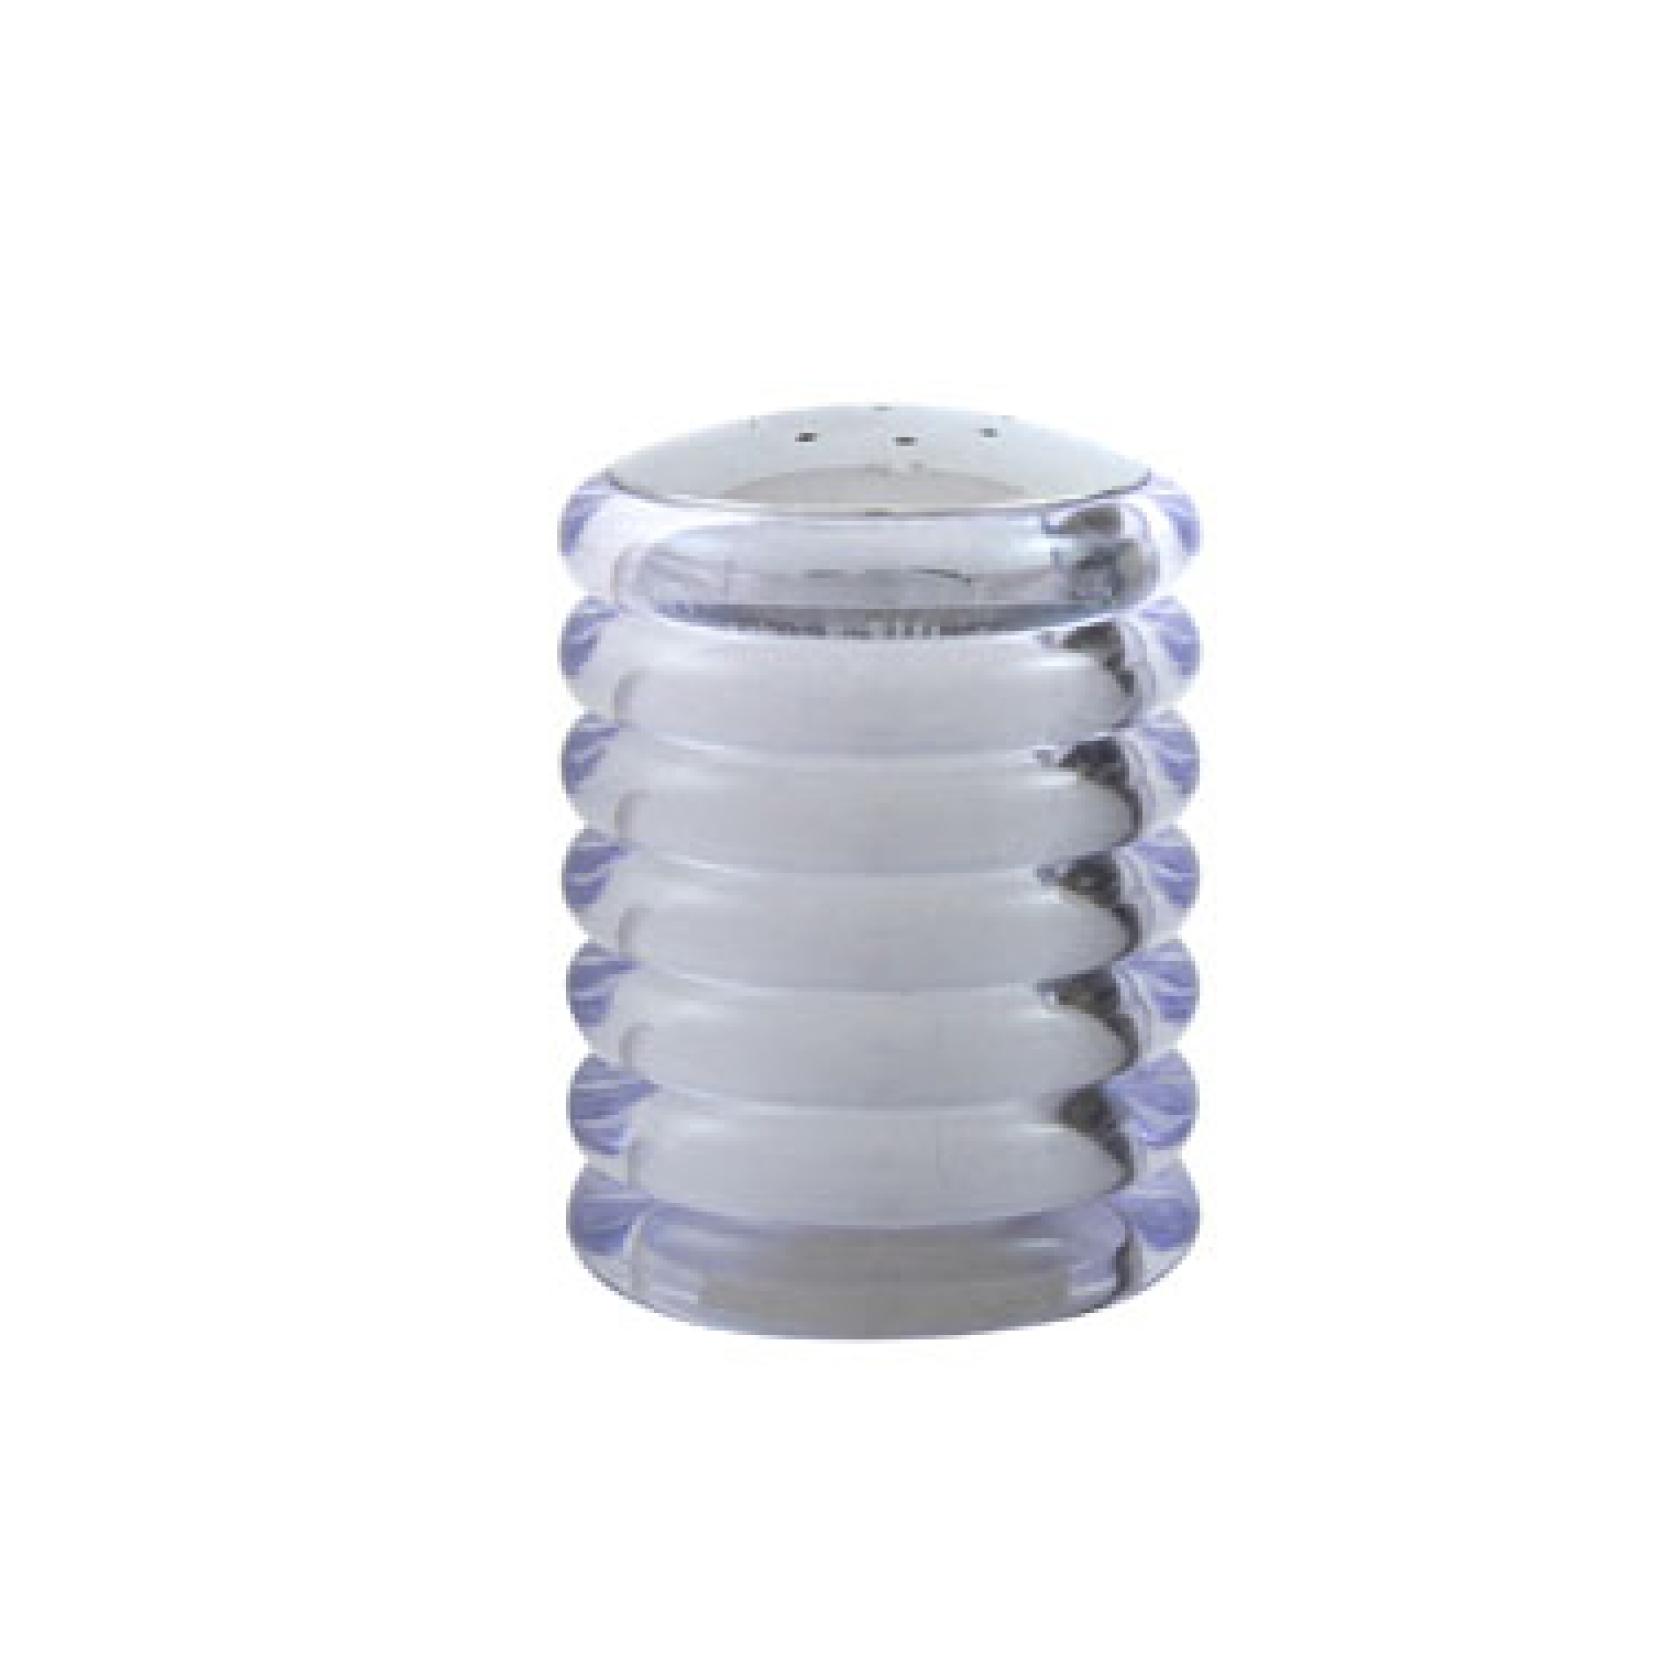 C1182 Beehive Salt Shaker